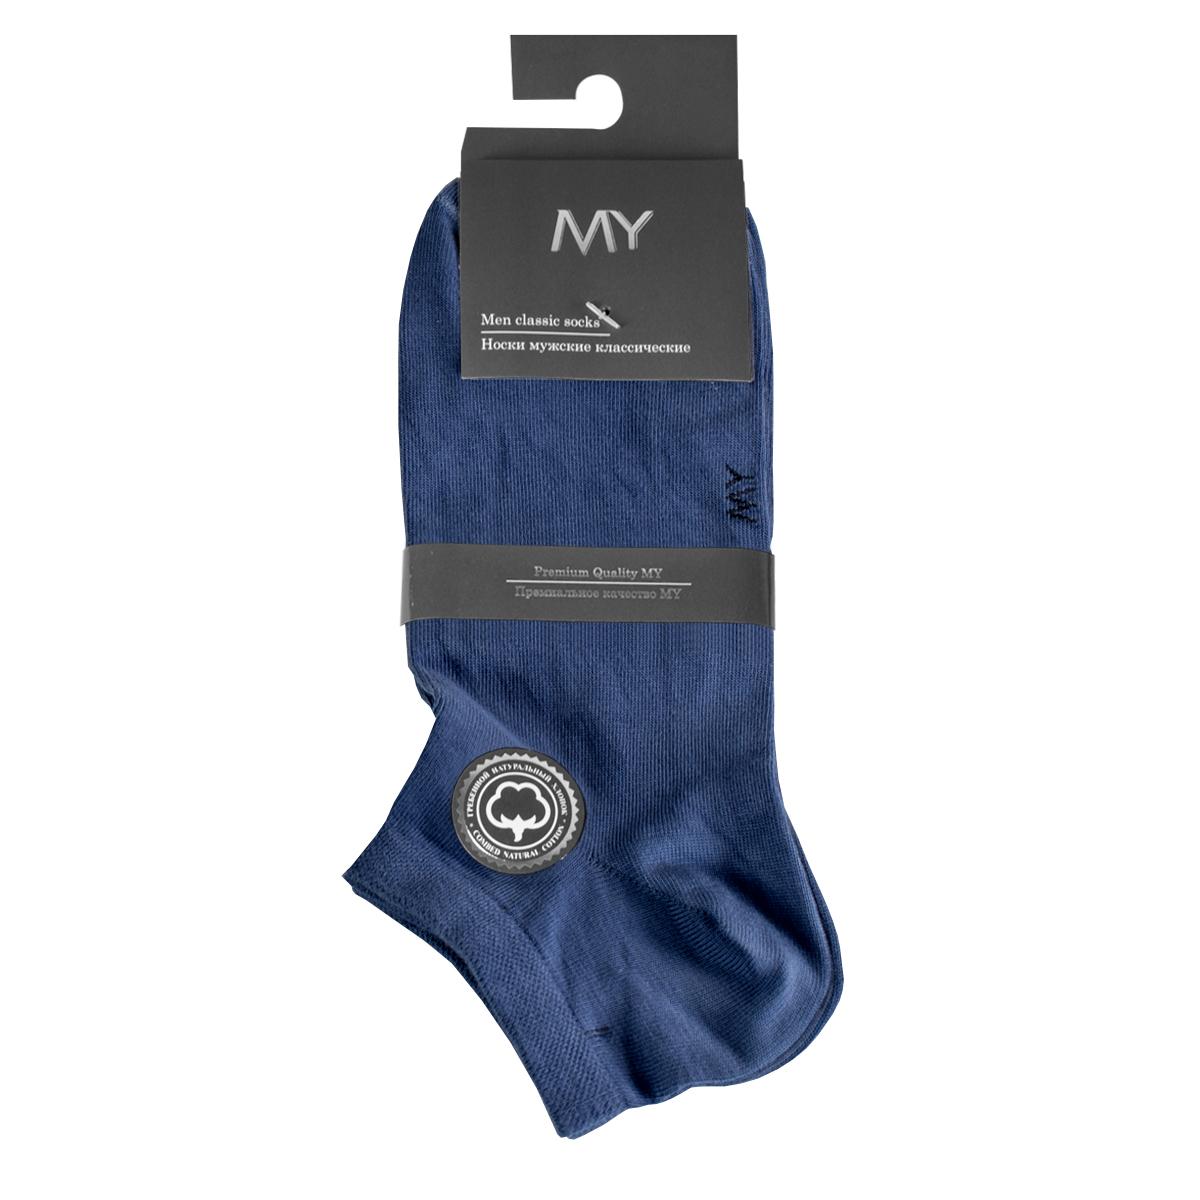 Носки мужские Mirey, цвет: синий. MSC 006. Размер (38/40)MSC 006Короткие мужские носки от Mirey выполнены из хлопка с эластаном.Усиленный мысок и пятка, двойная резинка сетка, плоский шов.